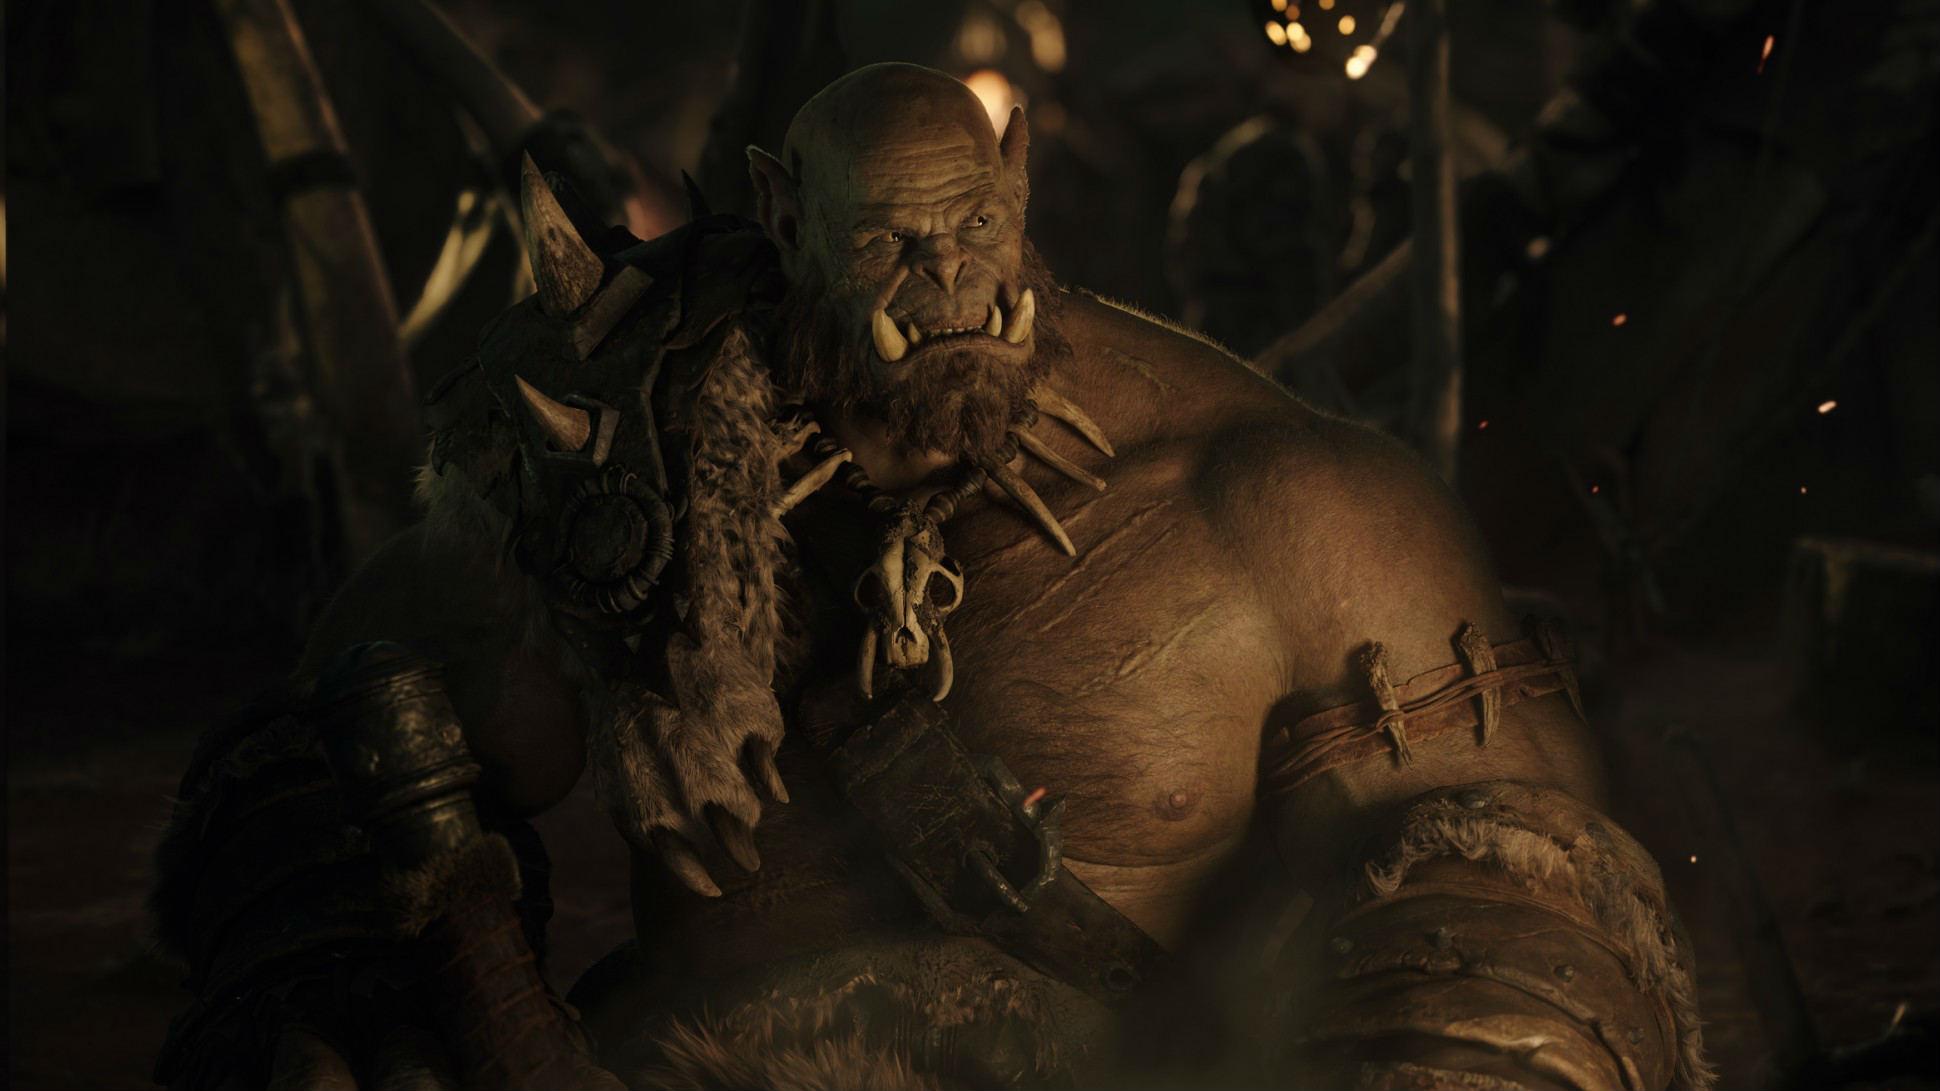 传《魔兽世界》电影将重启 忽略2016版完全重拍